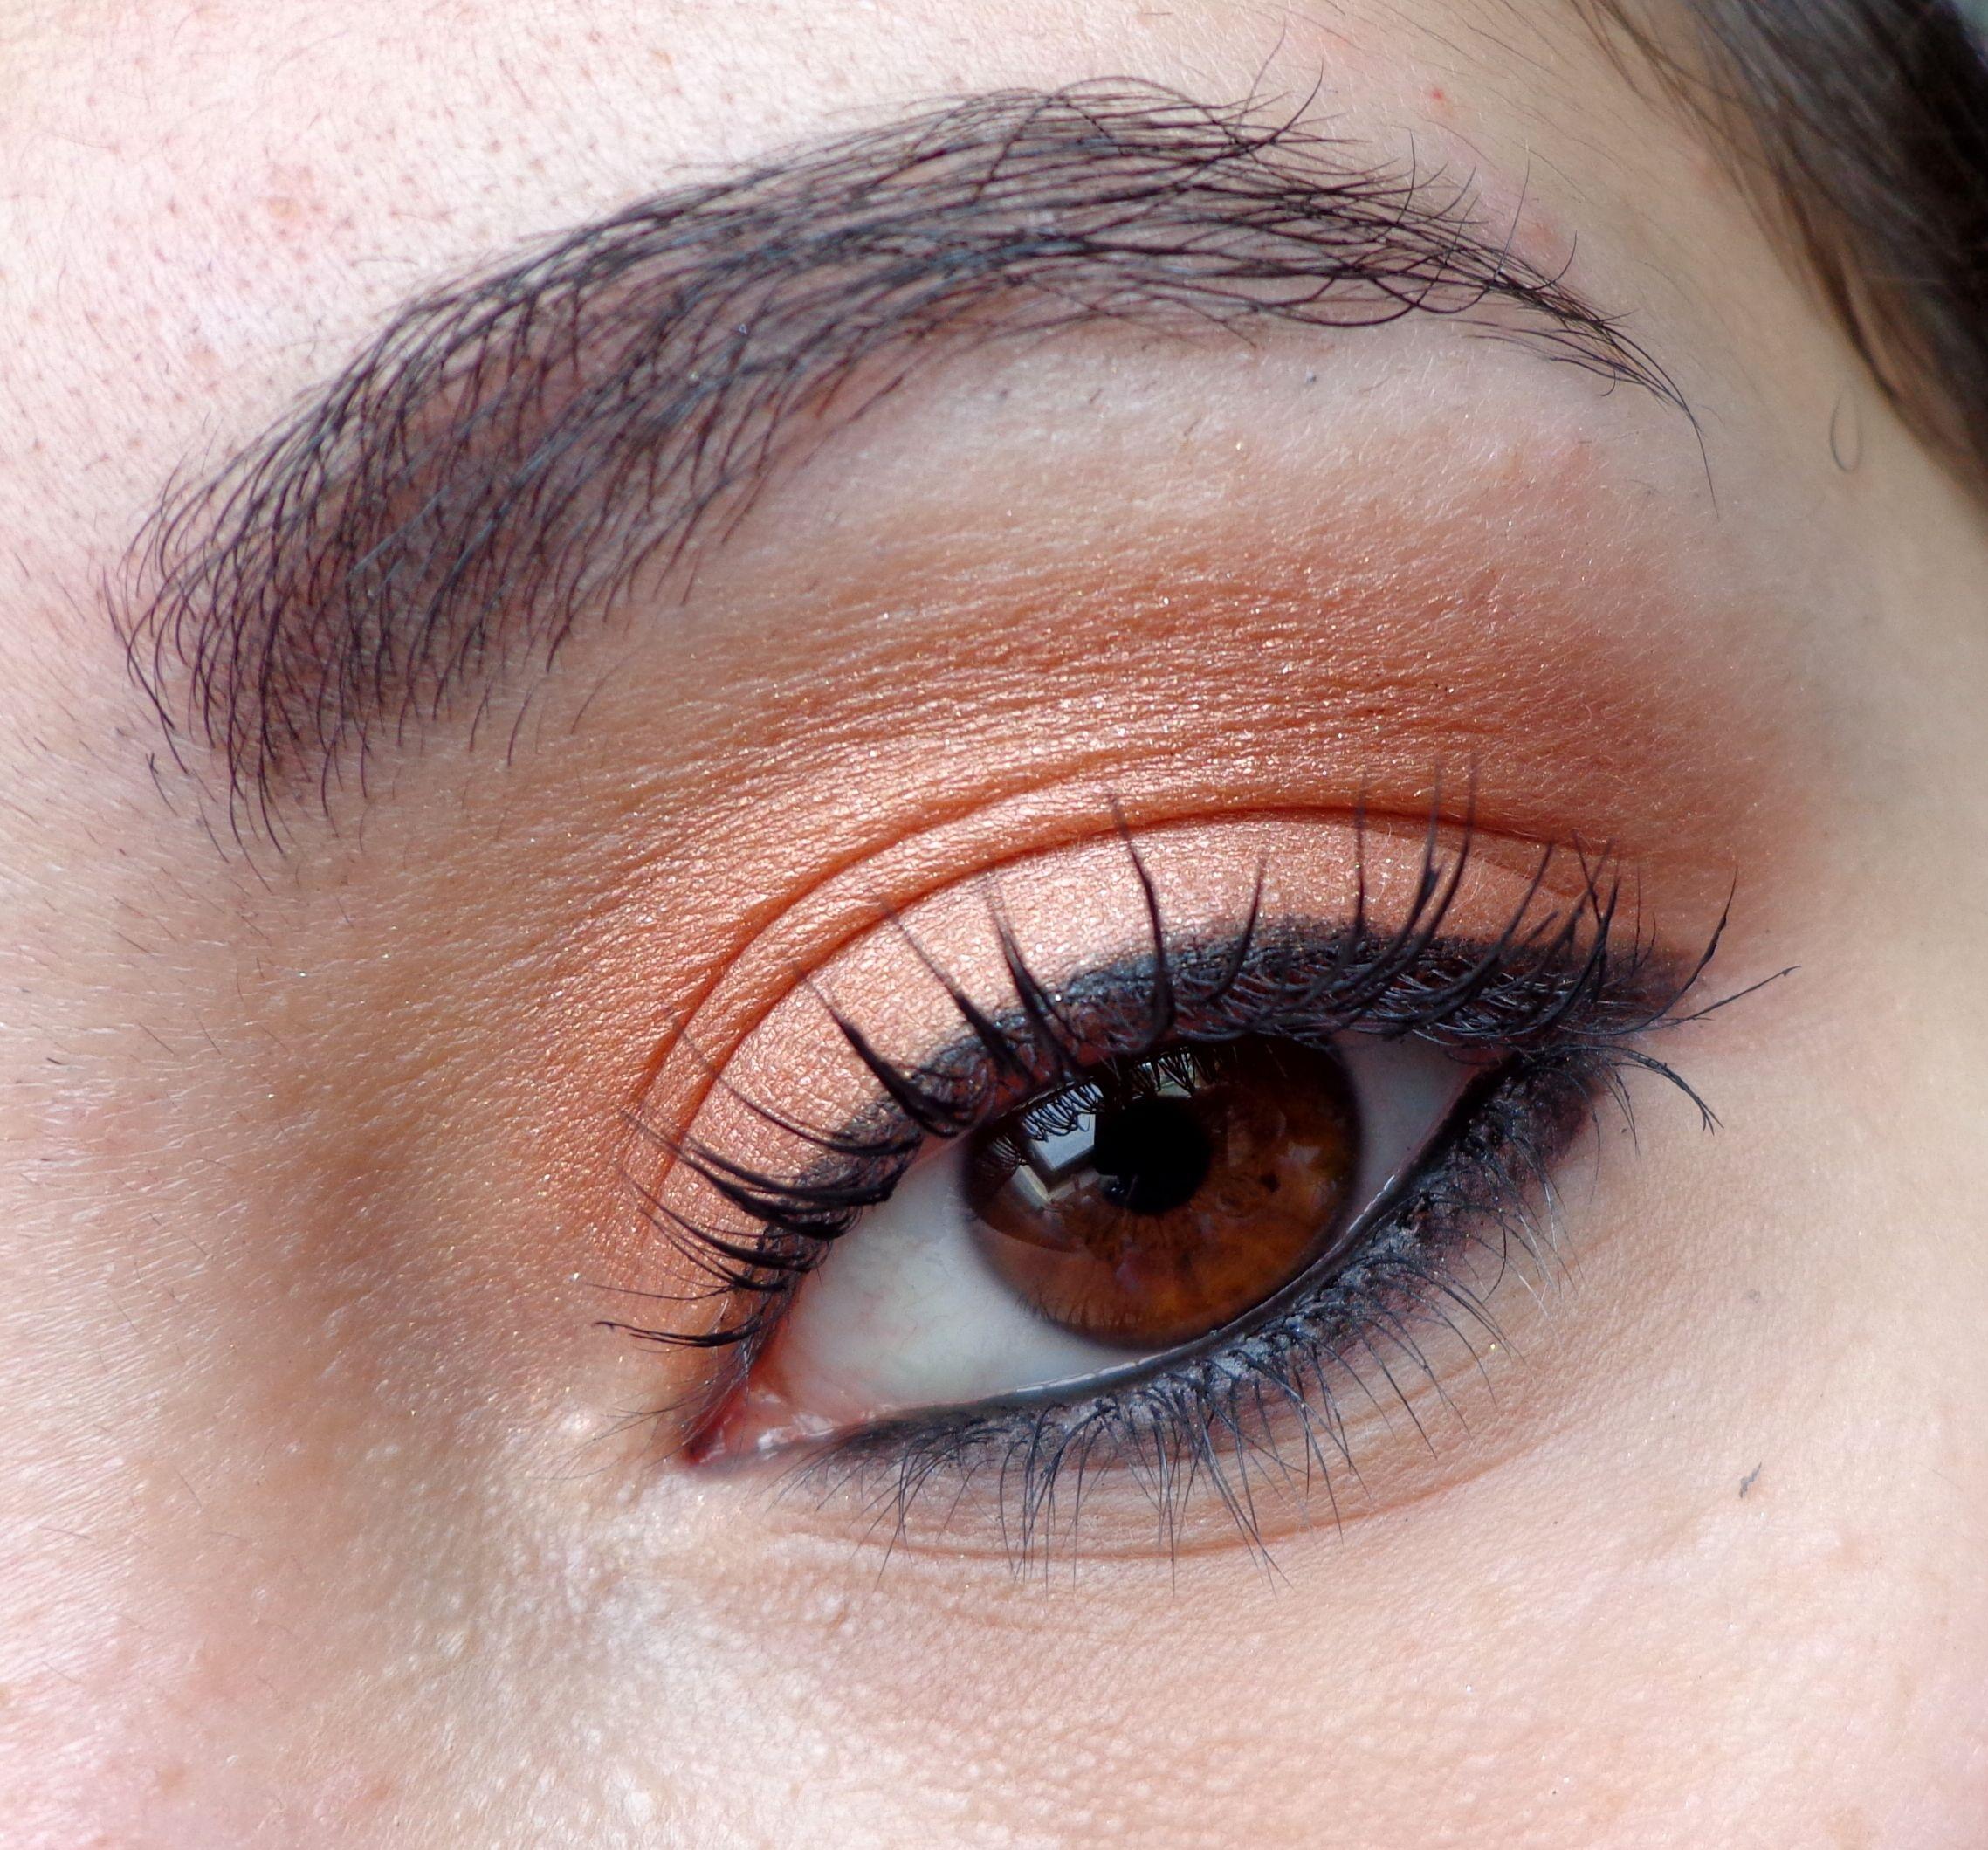 http://blogmaquilha-te.blogspot.pt/2013/05/30-days-makeup-challenge-day-5-bronze.html